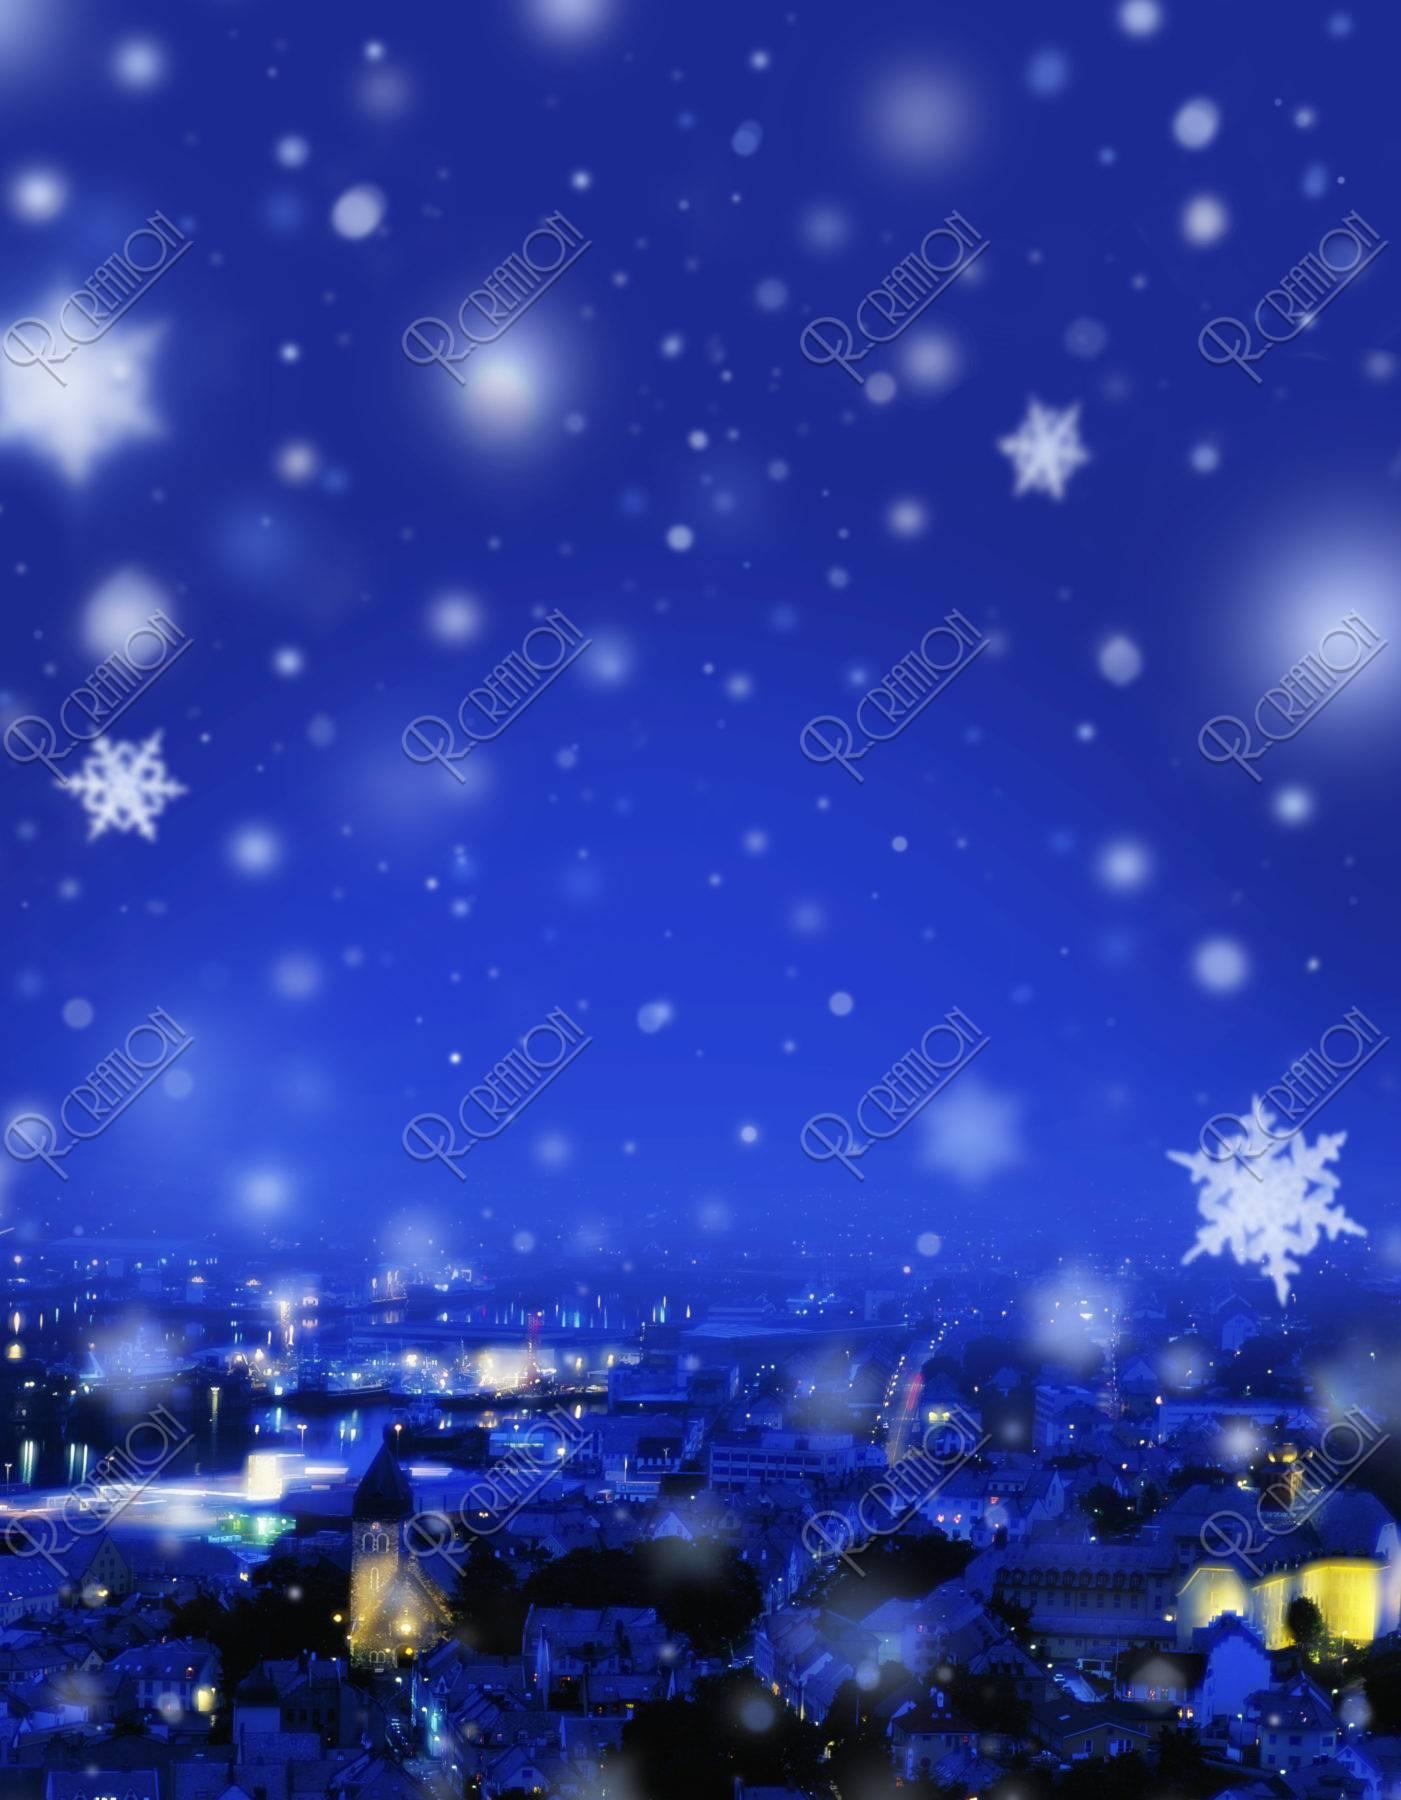 クリスマス 街並み メルヘン 夜景 冬 雪 合成